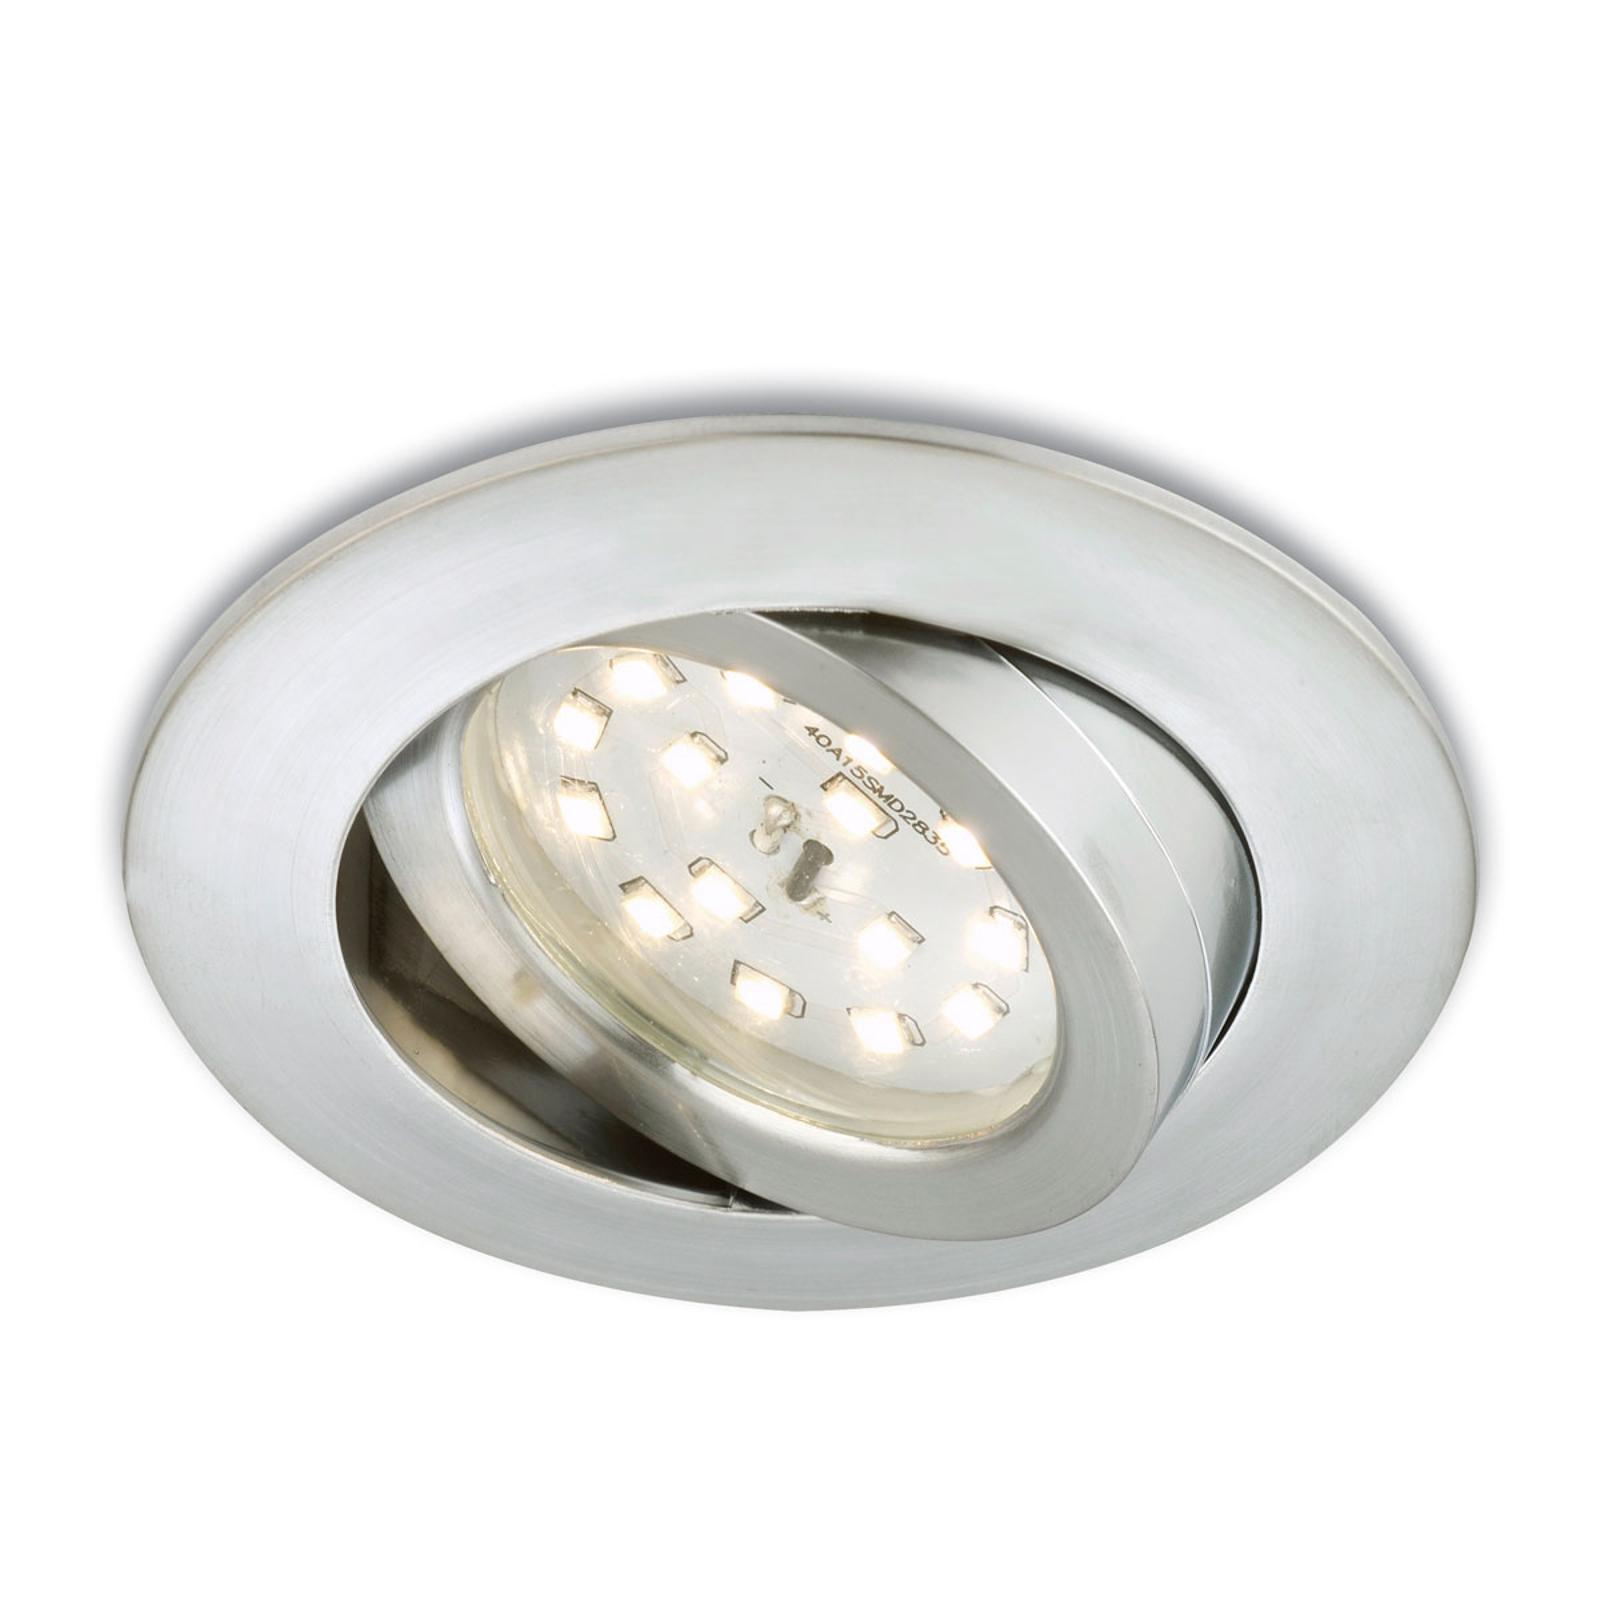 Vo farbe hliníka zapustené LED svetlo Erik, otočné_1510284_1